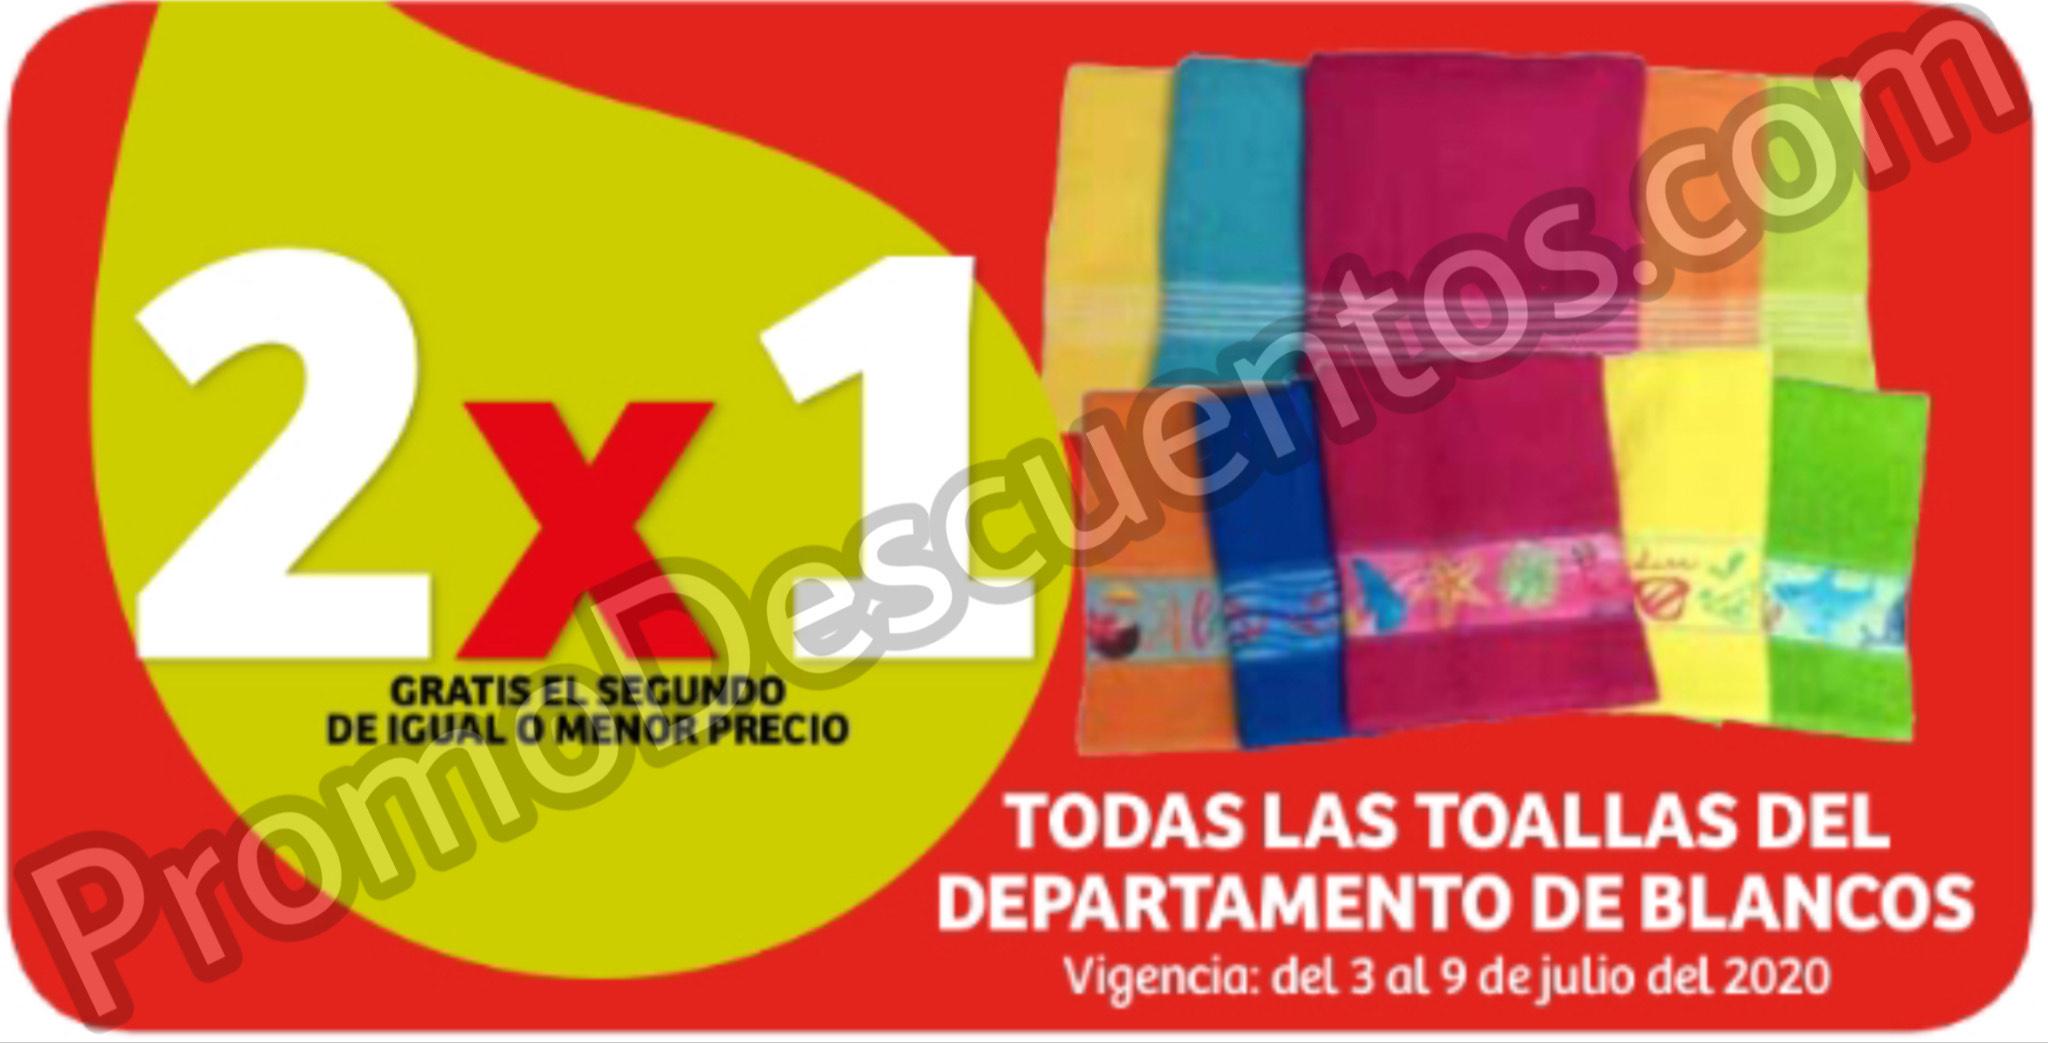 Julio Regalado 2020 en Soriana: 2x1 en Toallas del depto de Blancos